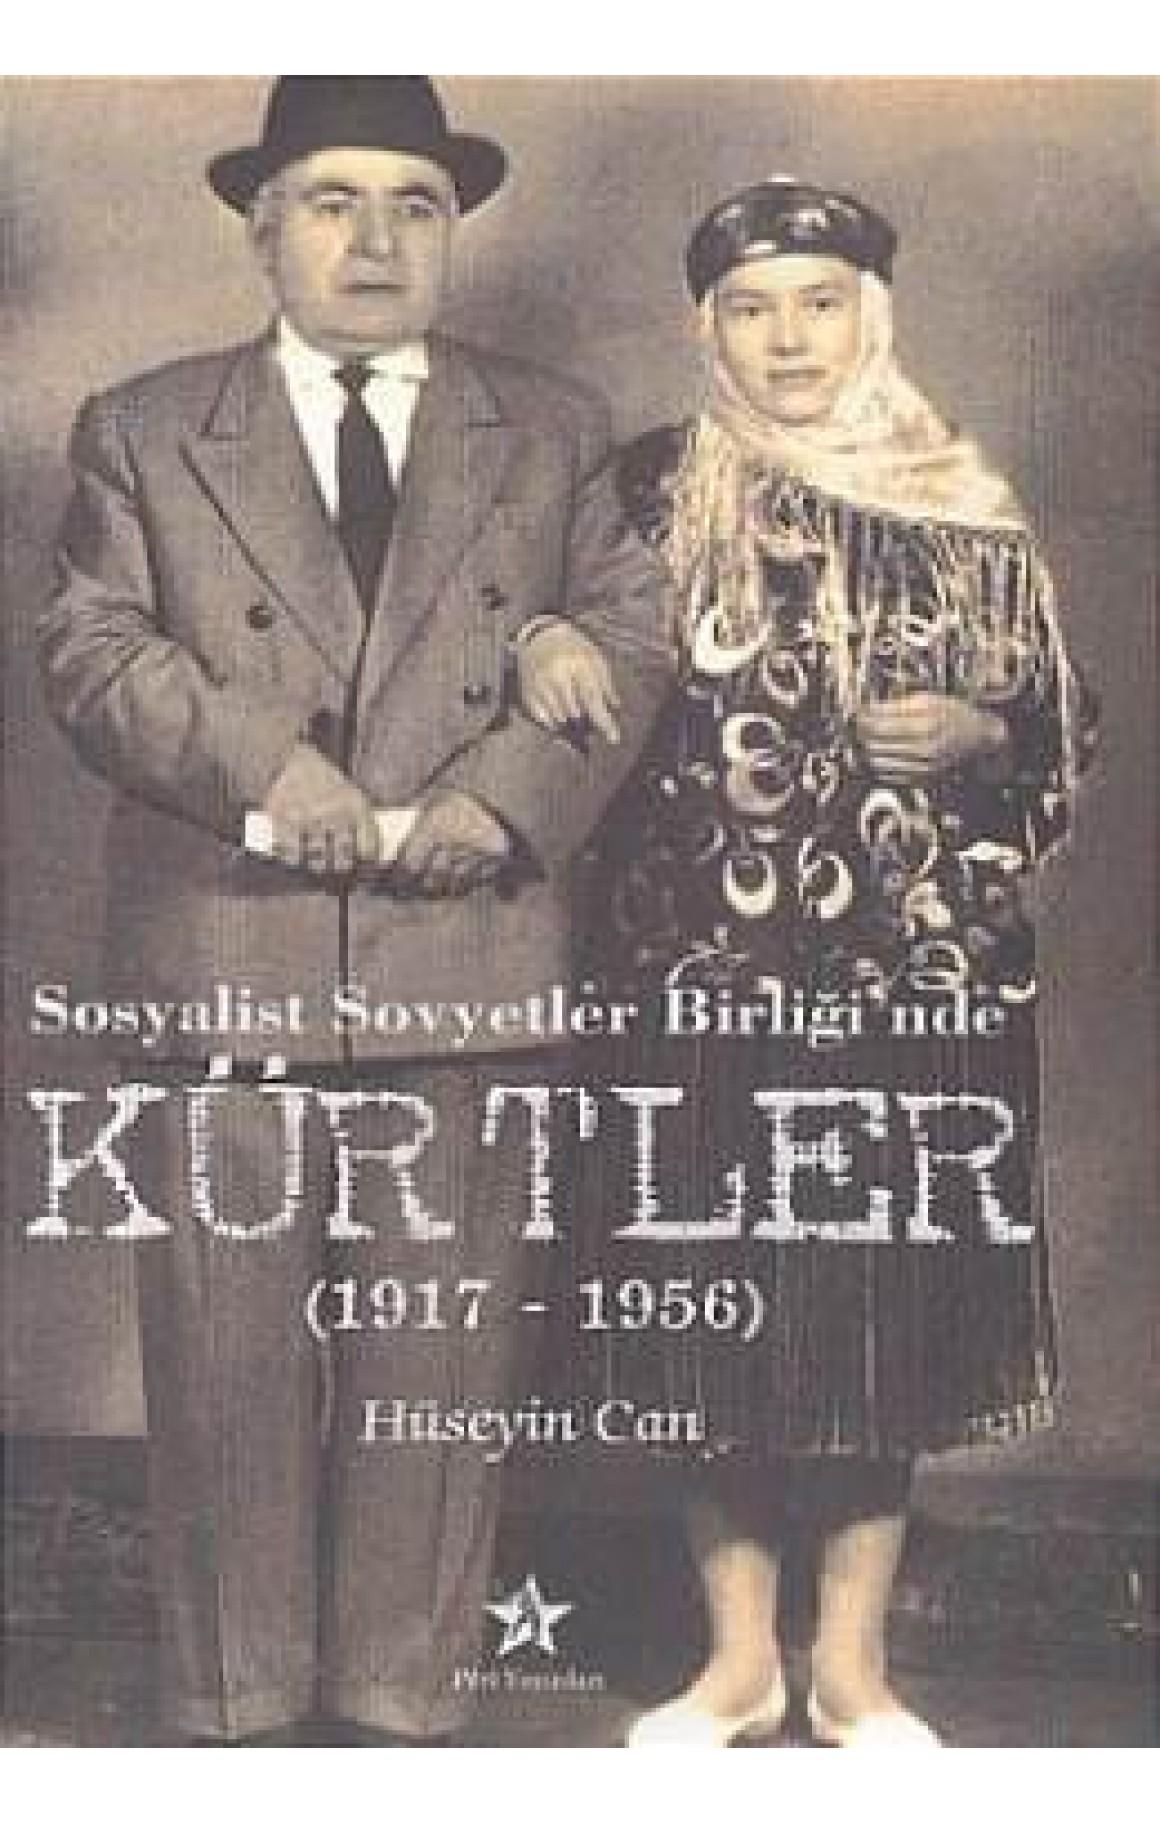 Sosyalist Sovyetler Birliği'nde Kürtler (1917 - 1956)